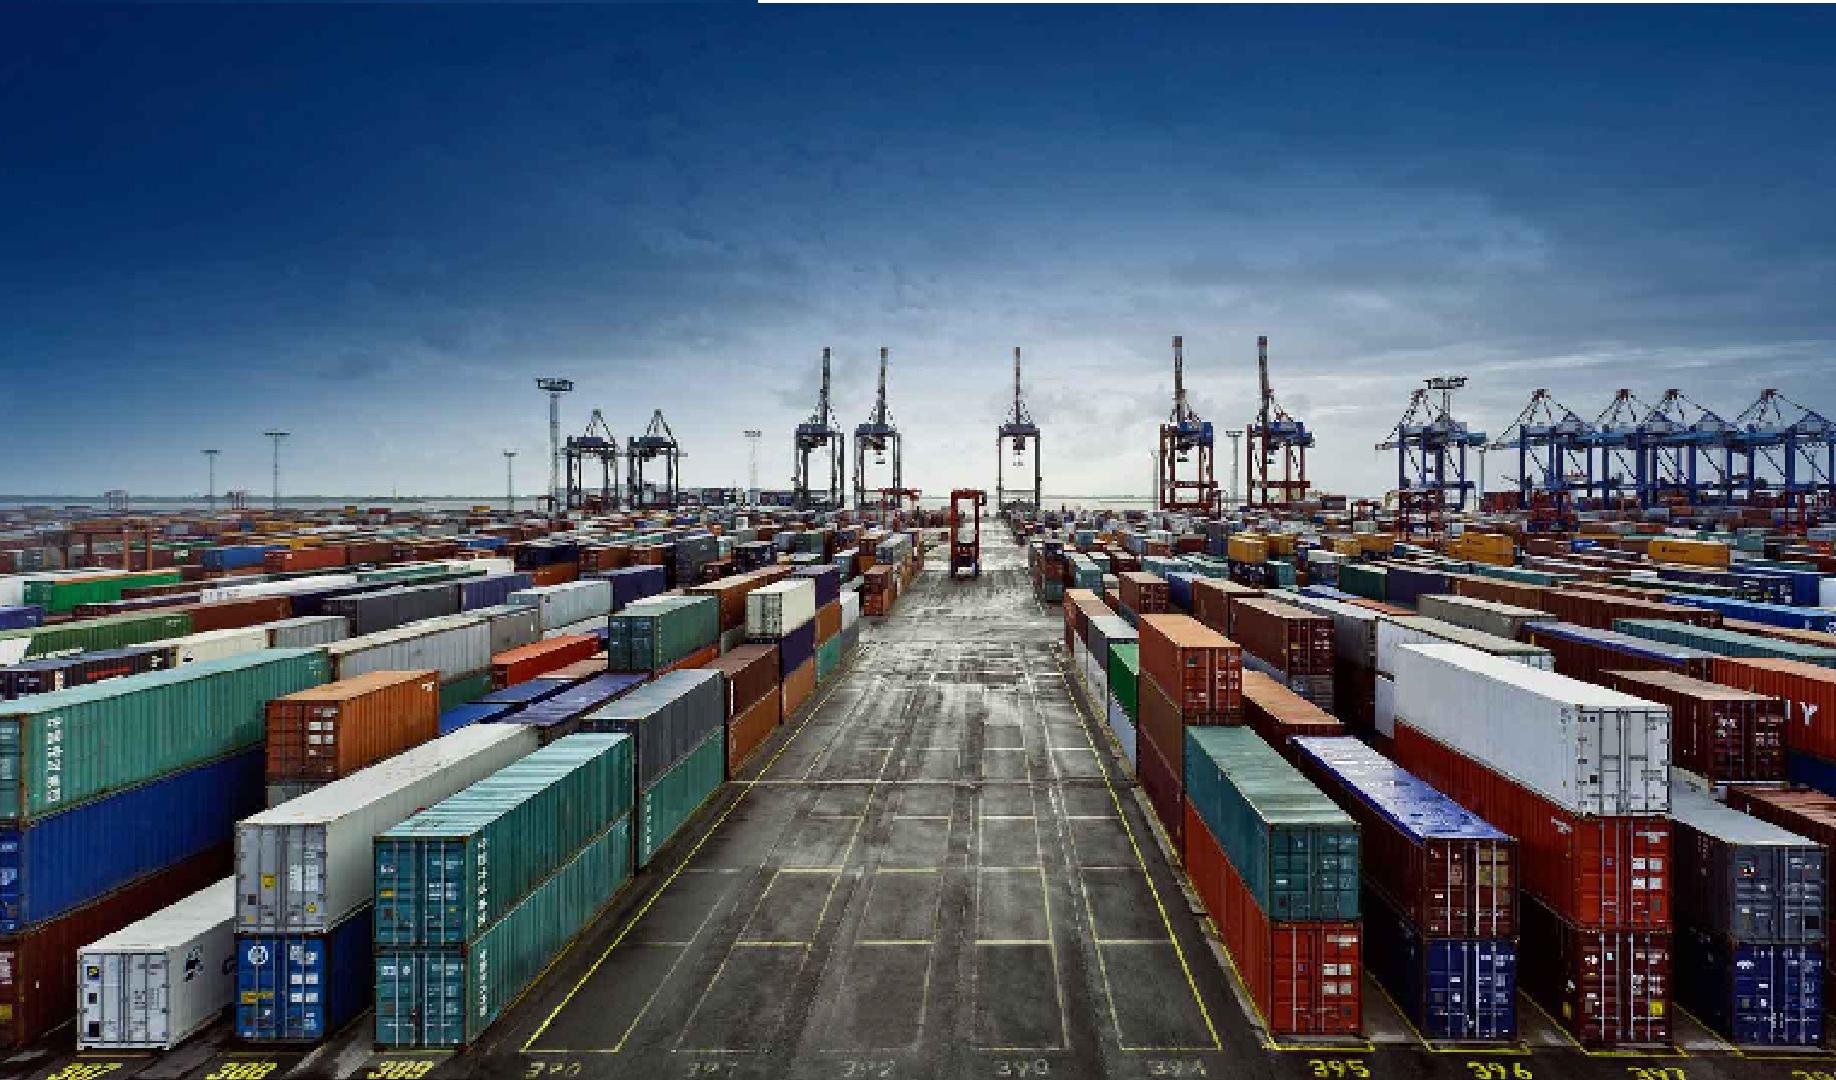 تجارت ۱۵میلیارد دلاری ایران با اعضای سازمان همکاری شانگهای